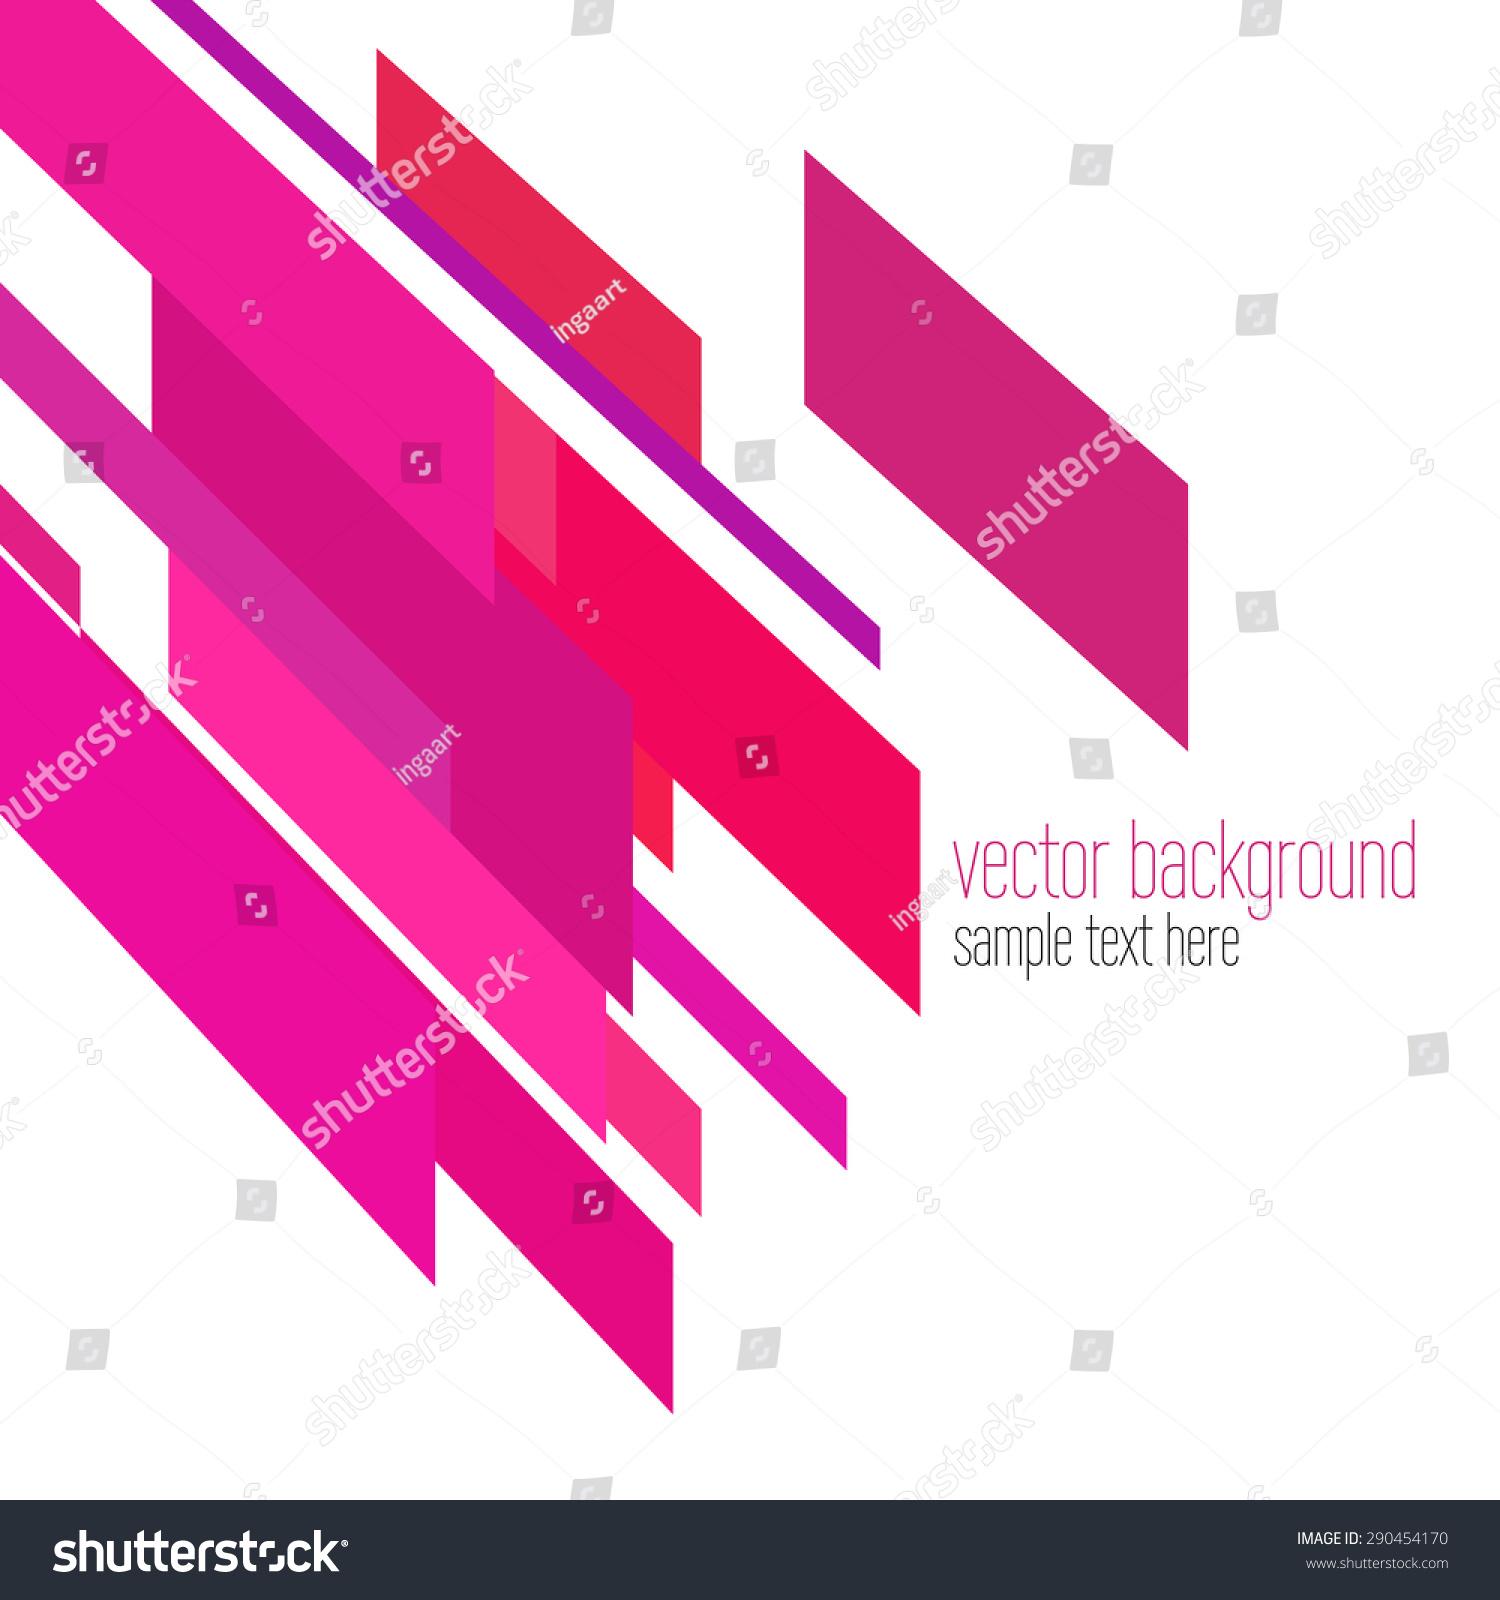 向量可爱创意抽象背景由粉红色的条纹-背景/素材,抽象